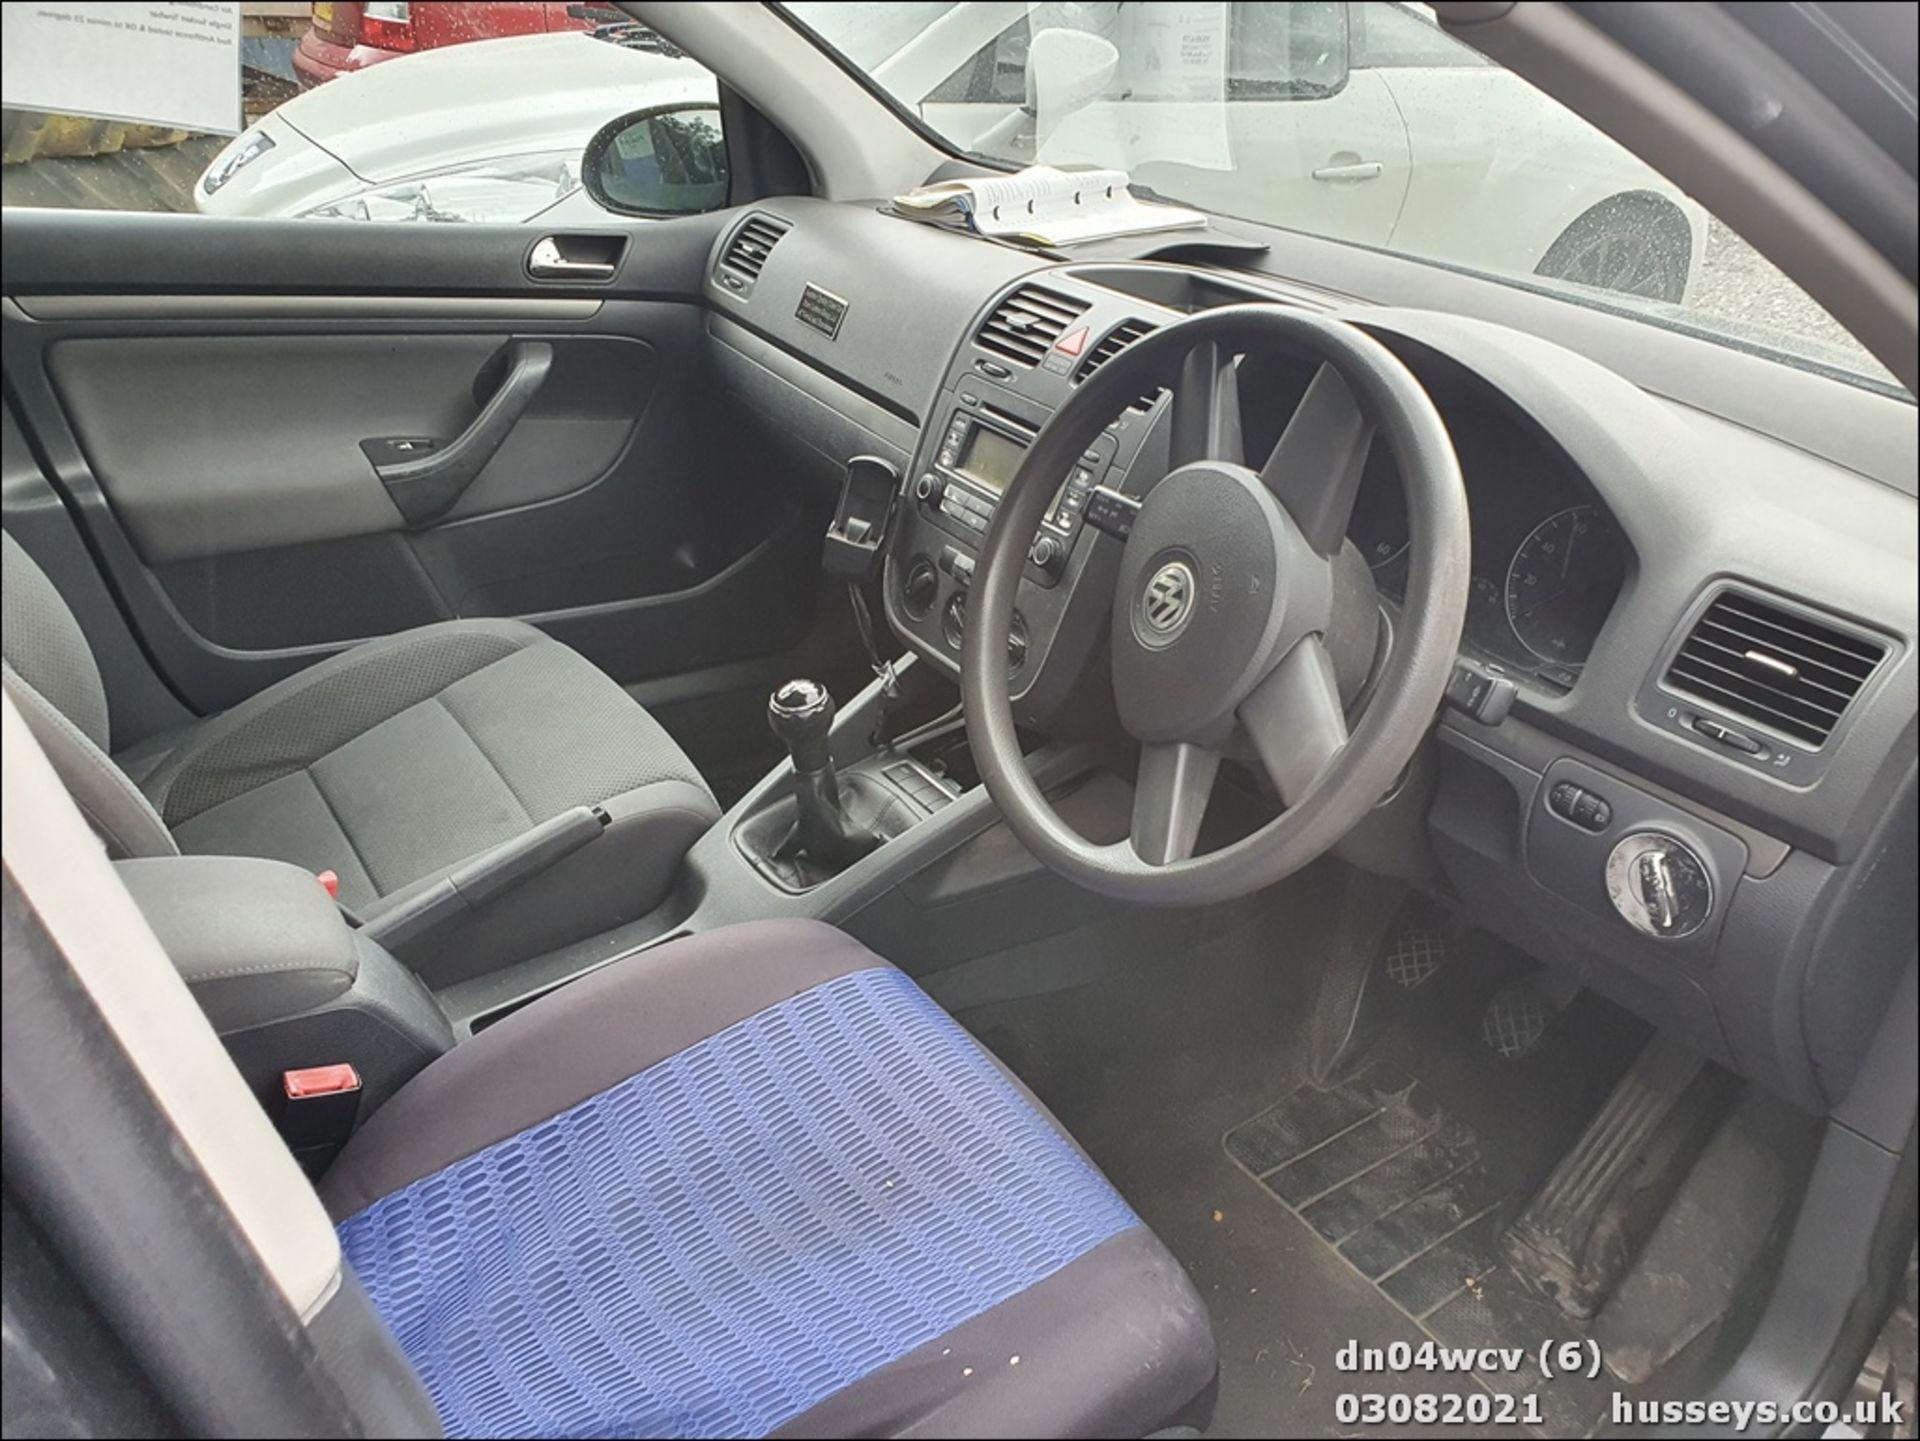 04/04 VOLKSWAGEN GOLF TDI SE - 1896cc 5dr Hatchback (Black, 190k) - Image 8 of 11